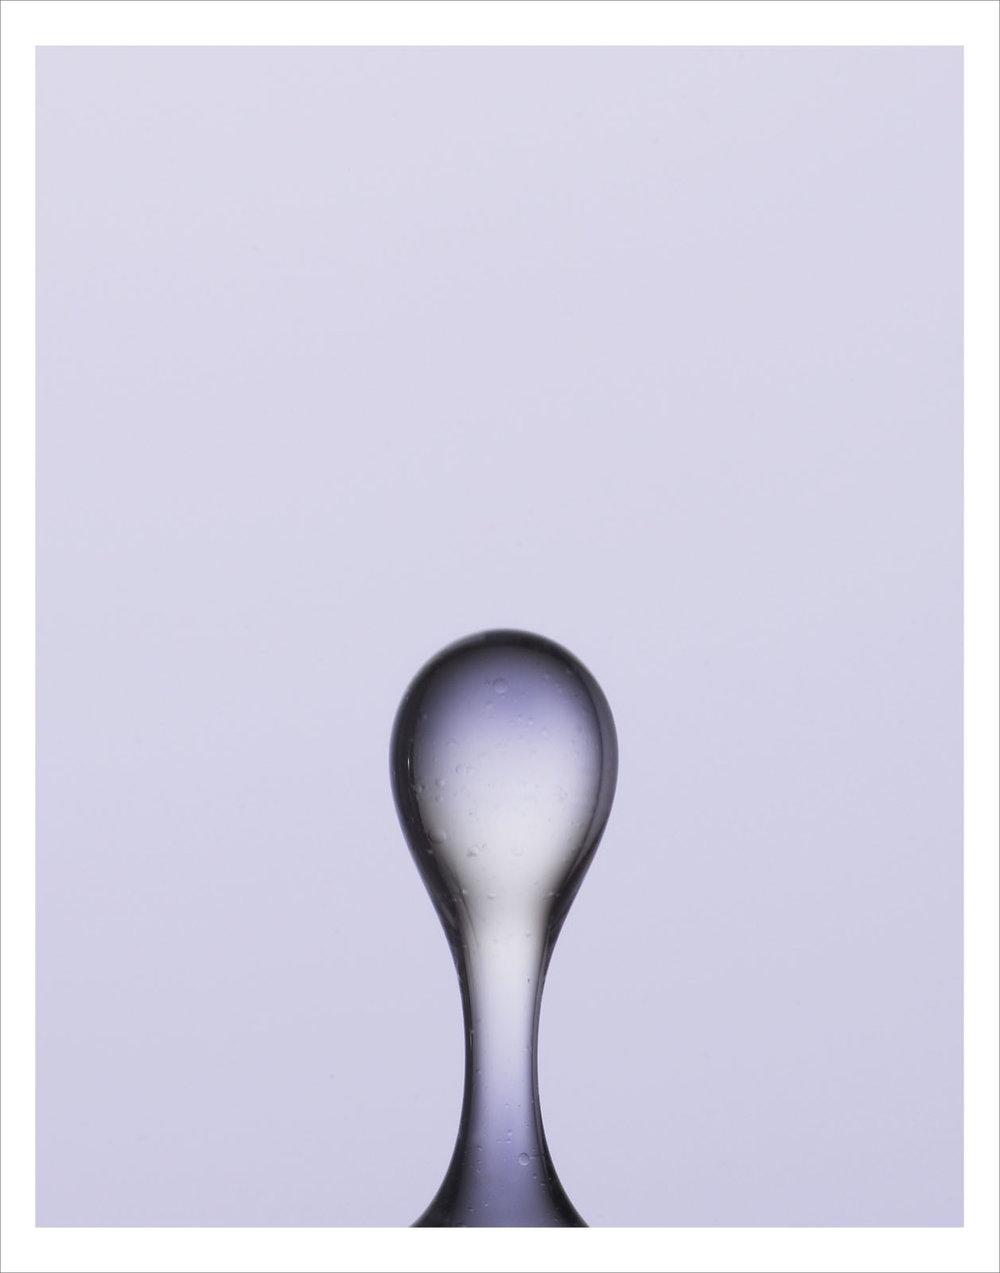 Droplet-078-2.jpg